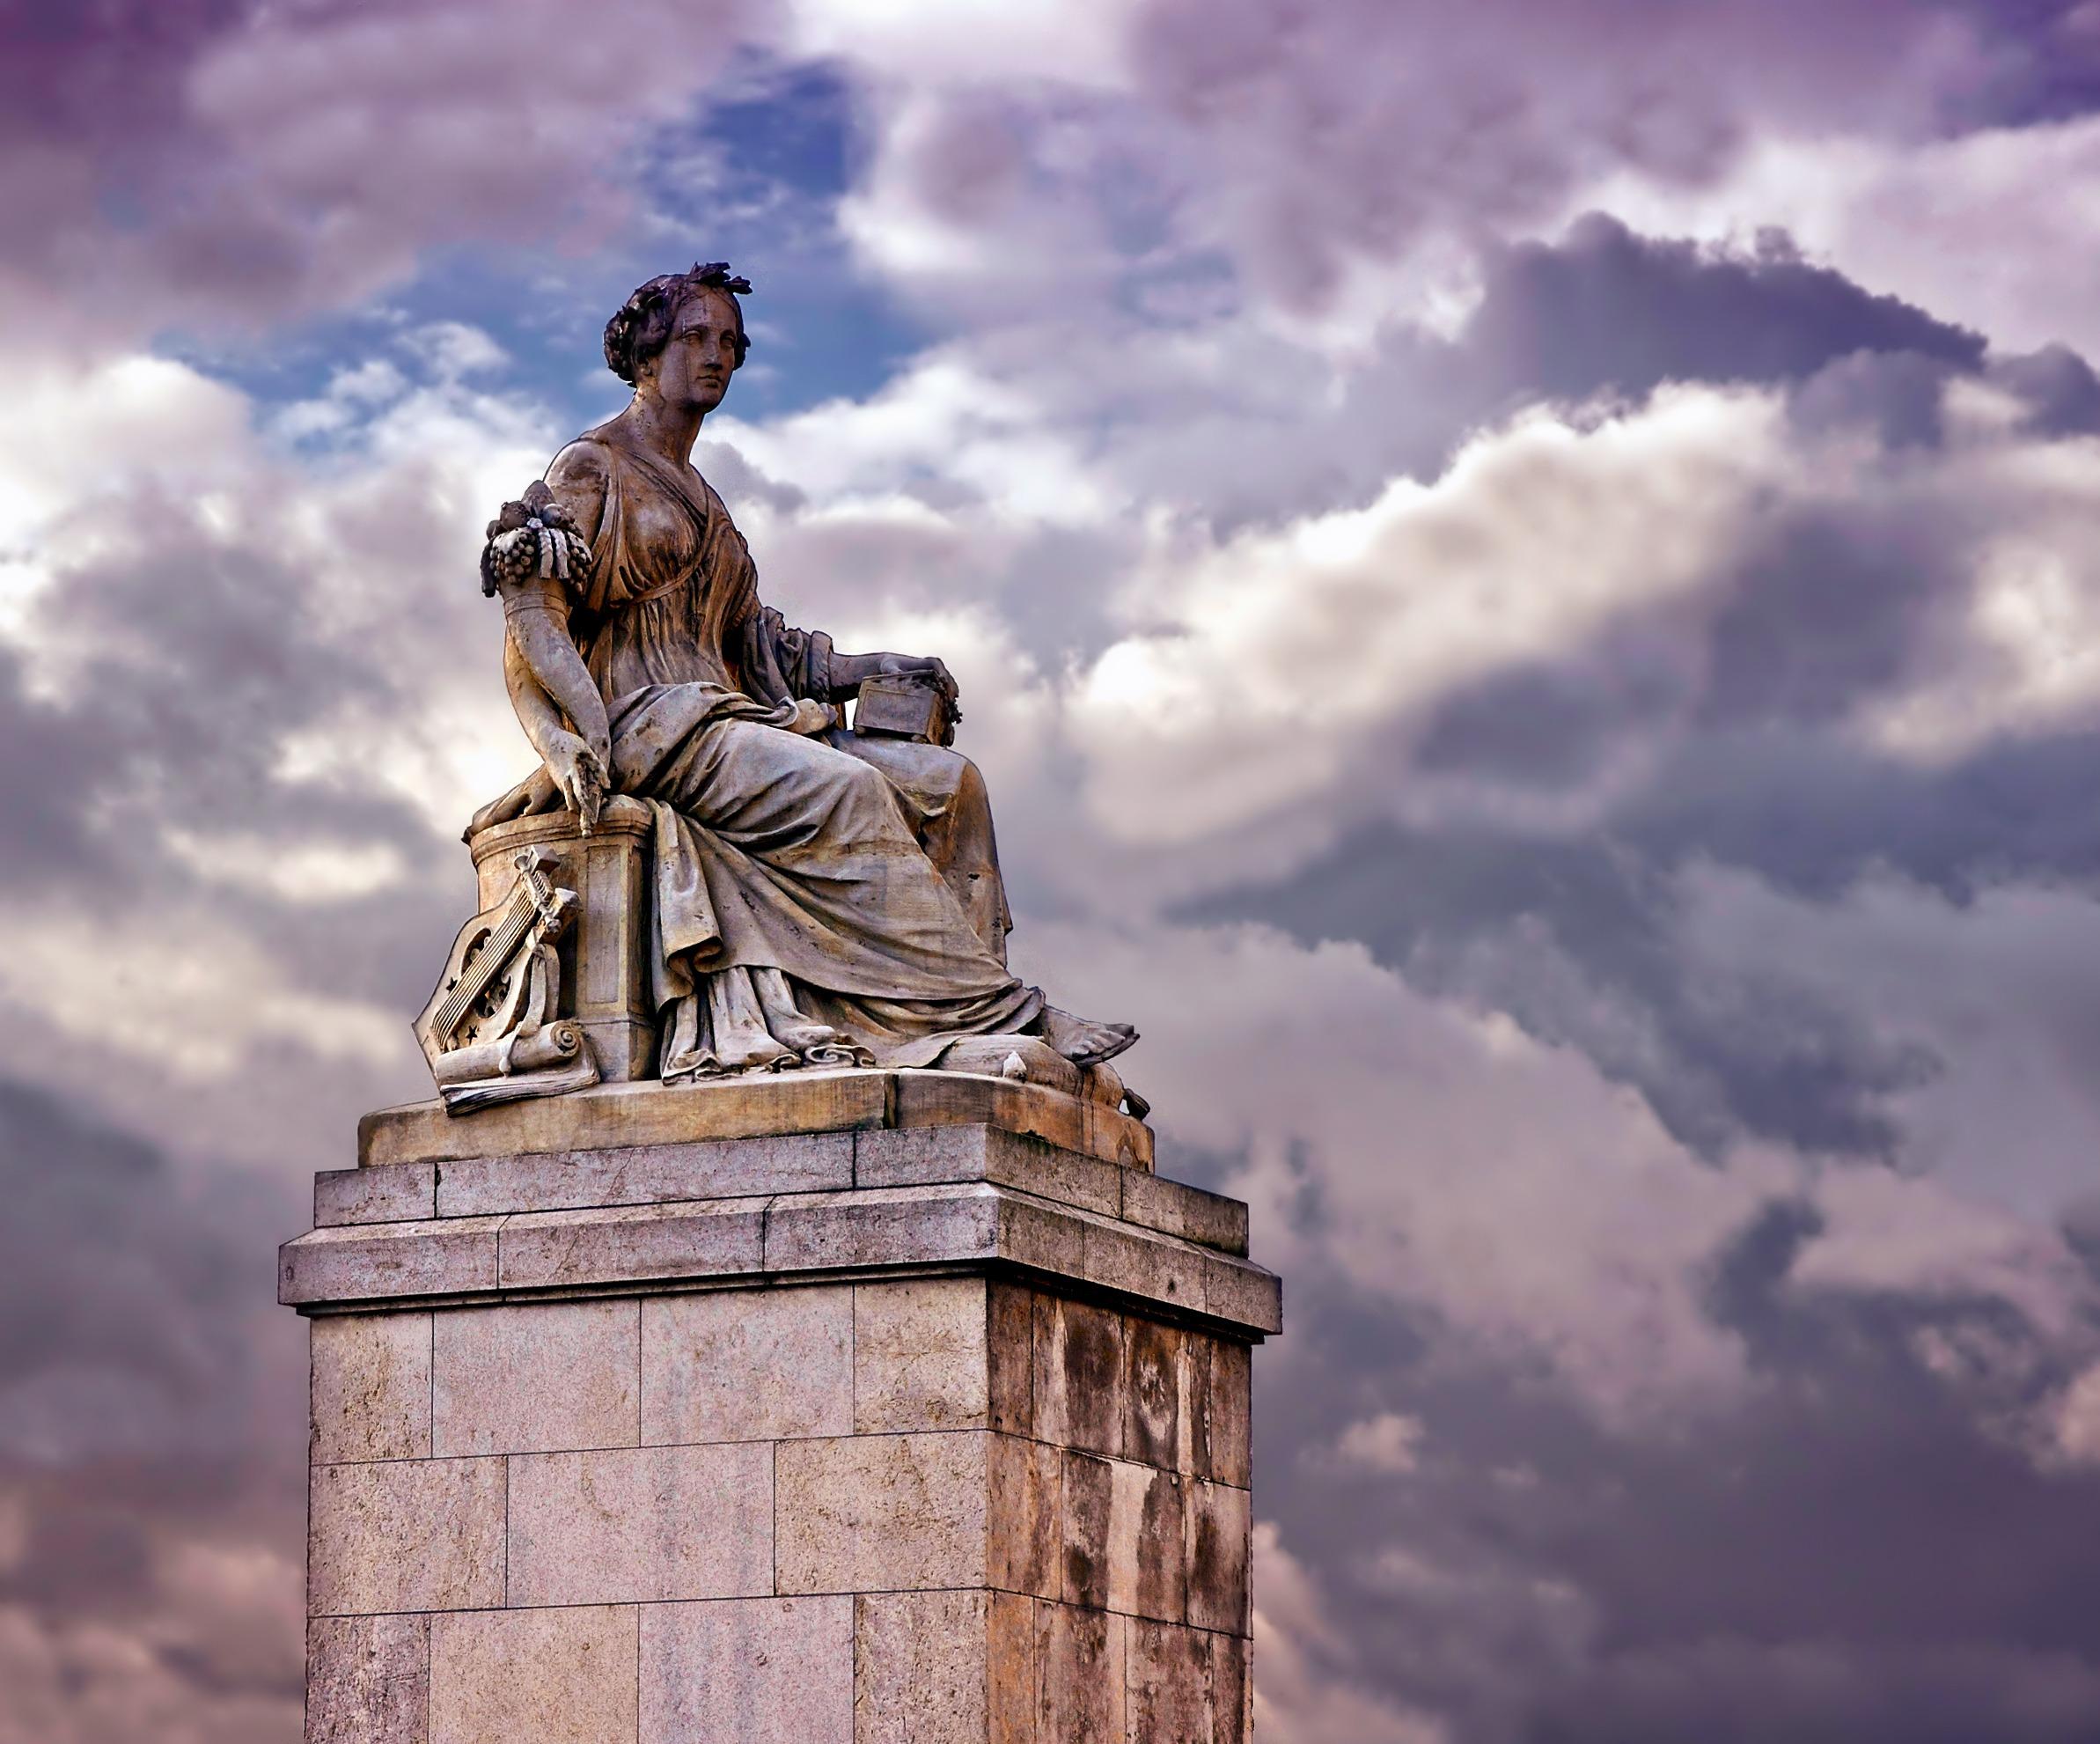 Sculpture in Paris, Carve, Carved, Figure, Paris, HQ Photo